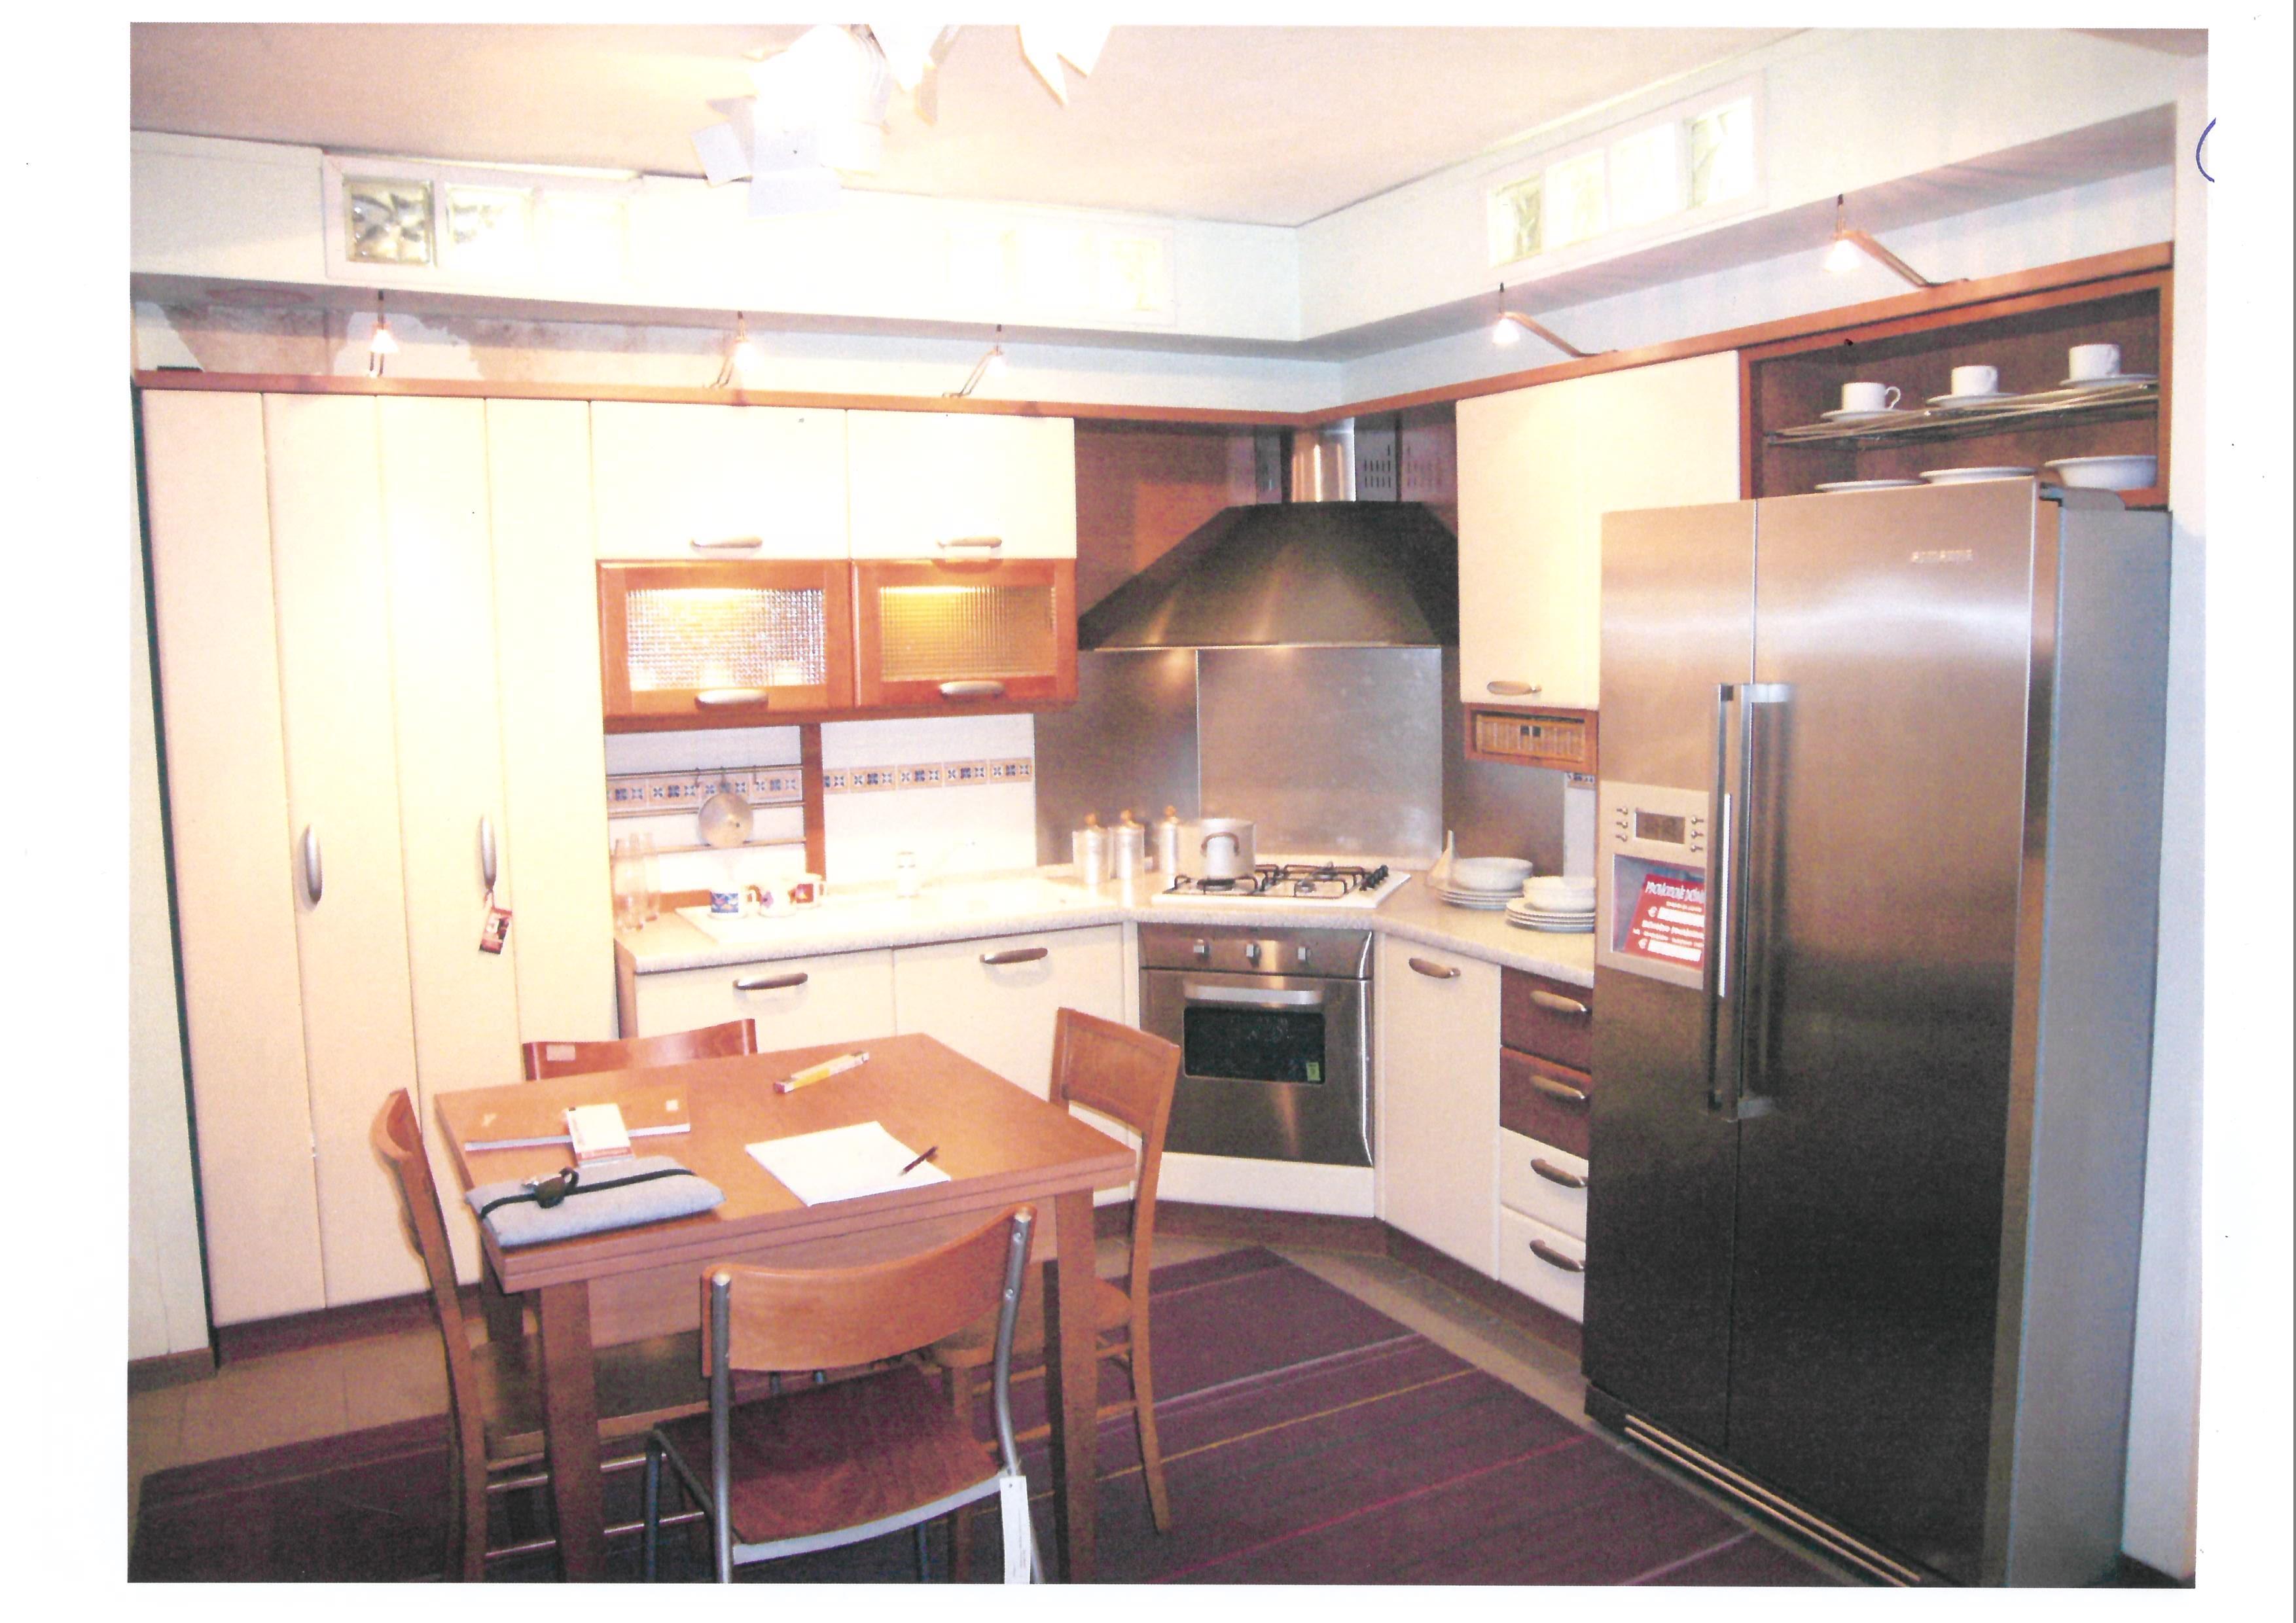 Cucina veneta cucine meridiana moderna laminato opaco magnolia cucine a prezzi scontati - Cucine ciliegio moderne ...